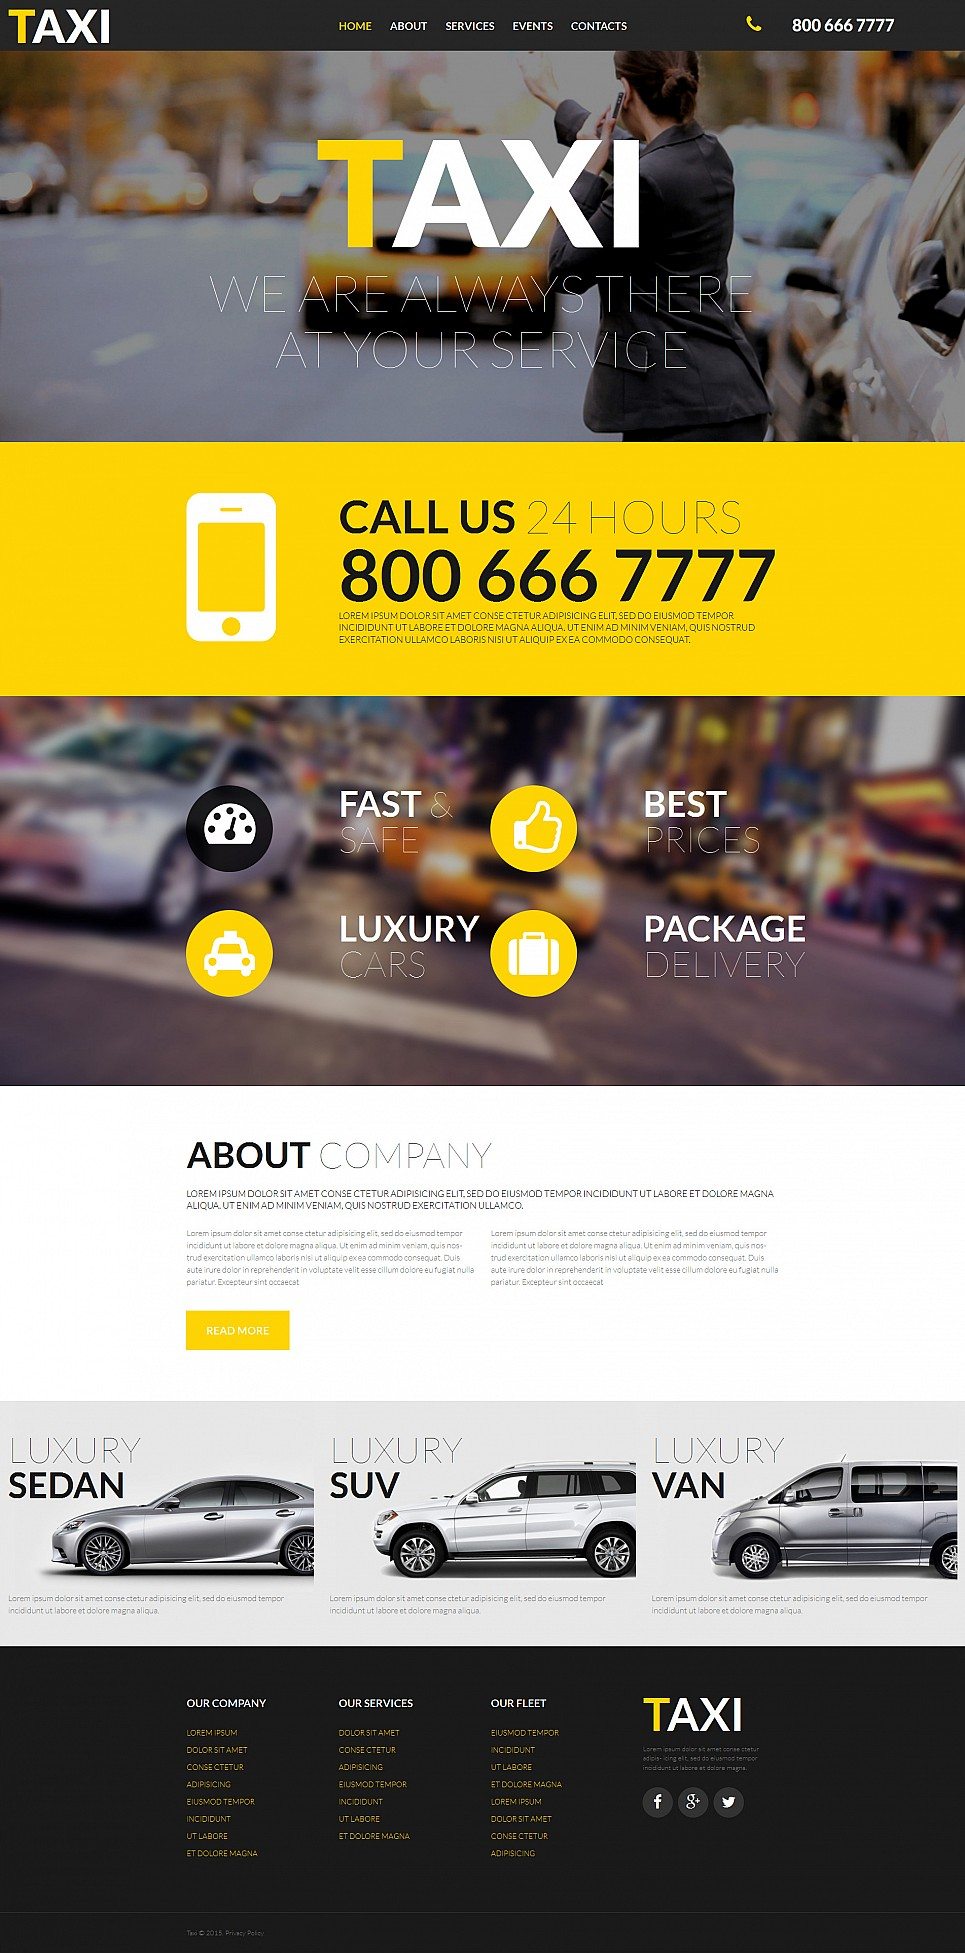 Webdesign für ein Taxi-Unternehmen - image